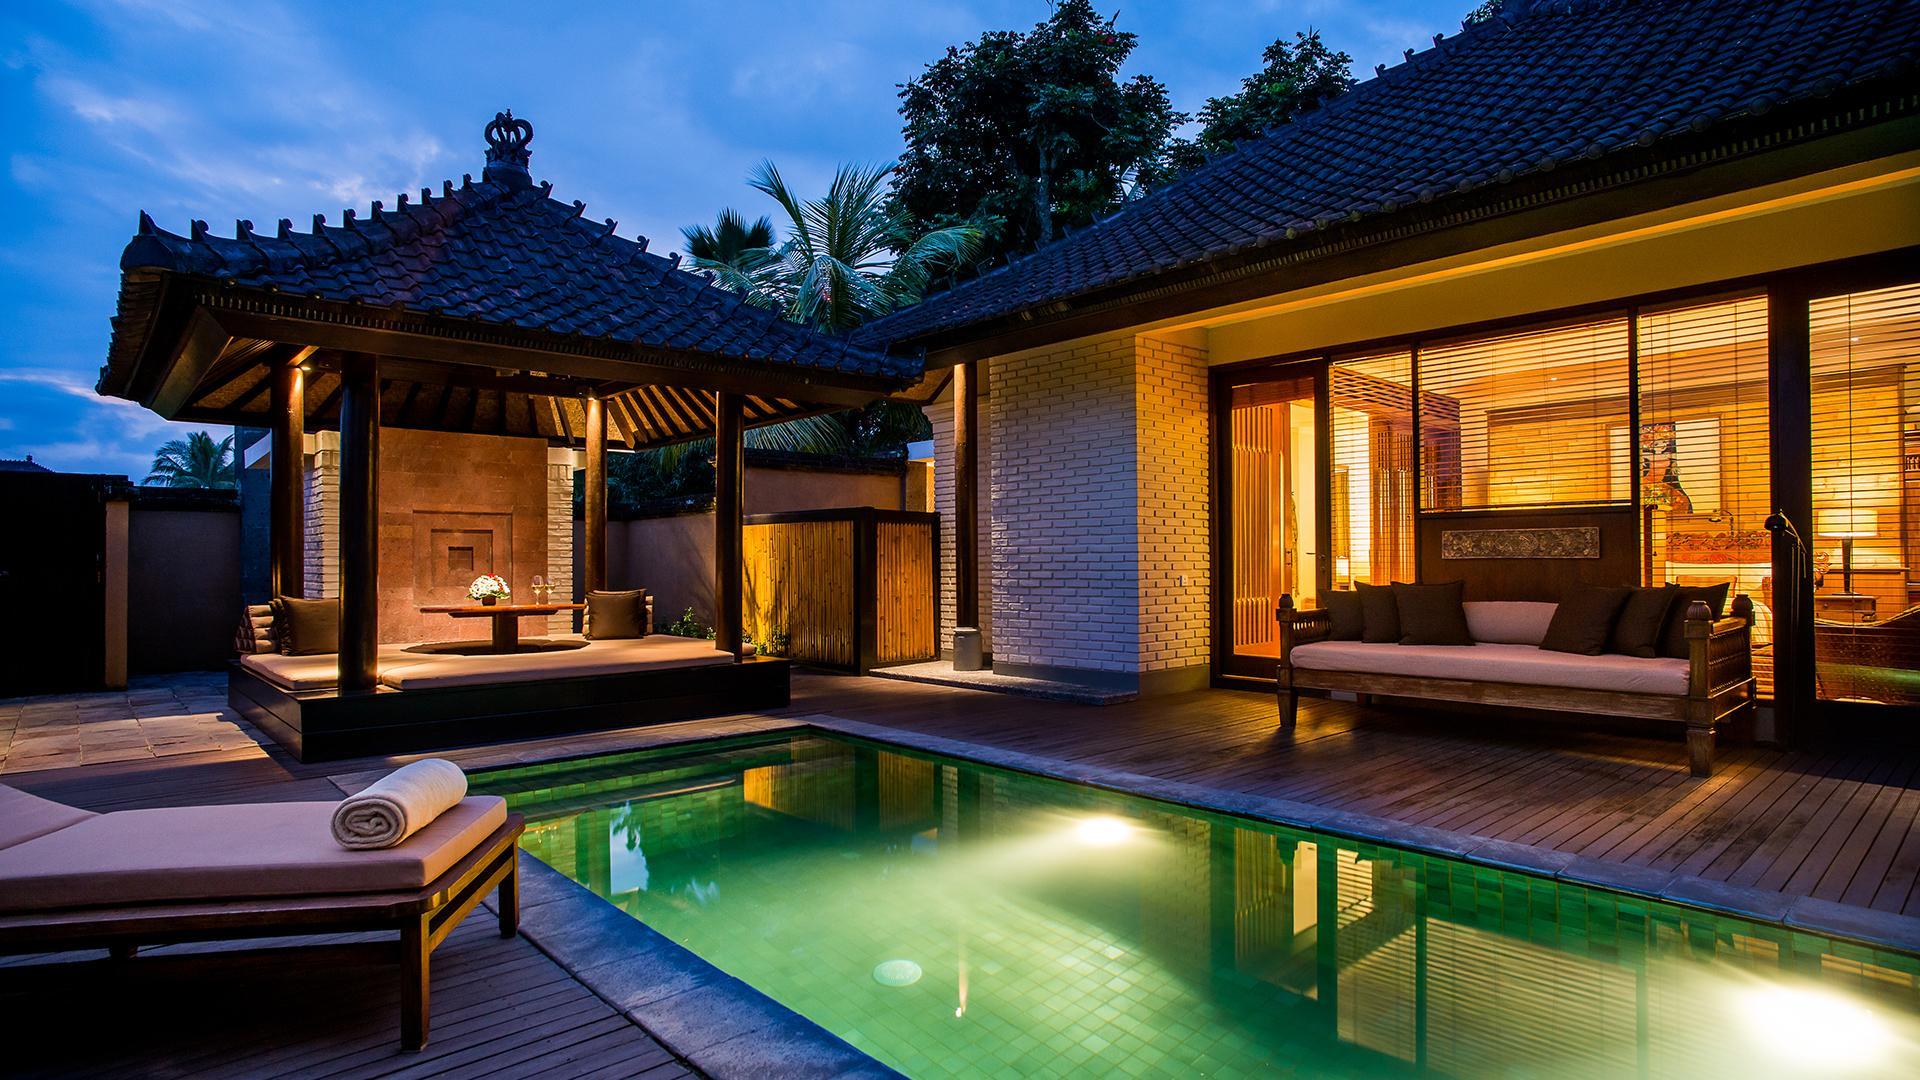 One Bedroom Club Pool Villa image 1 at Tanah Gajah, a Resort by Hadiprana by Kabupaten Gianyar, Bali, Indonesia